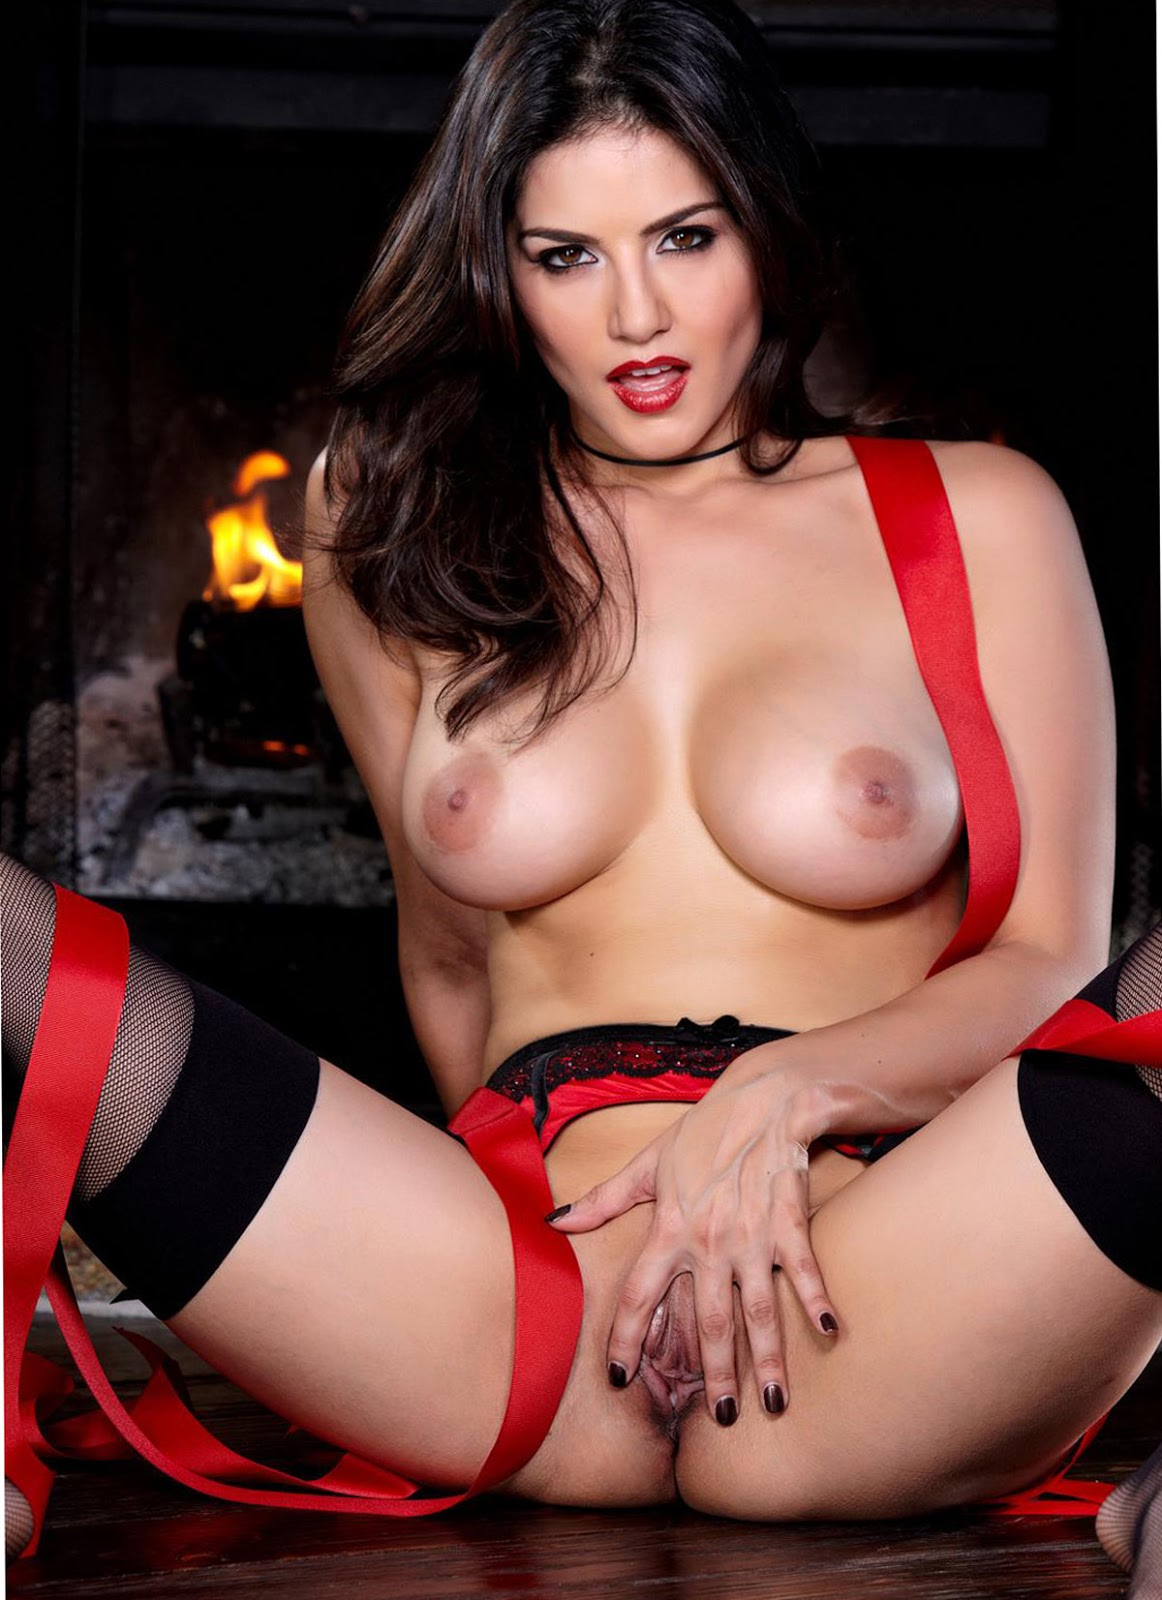 Sunny Leone Red Bikini Open Pussy Nude Boobs Xxx Picture -8349